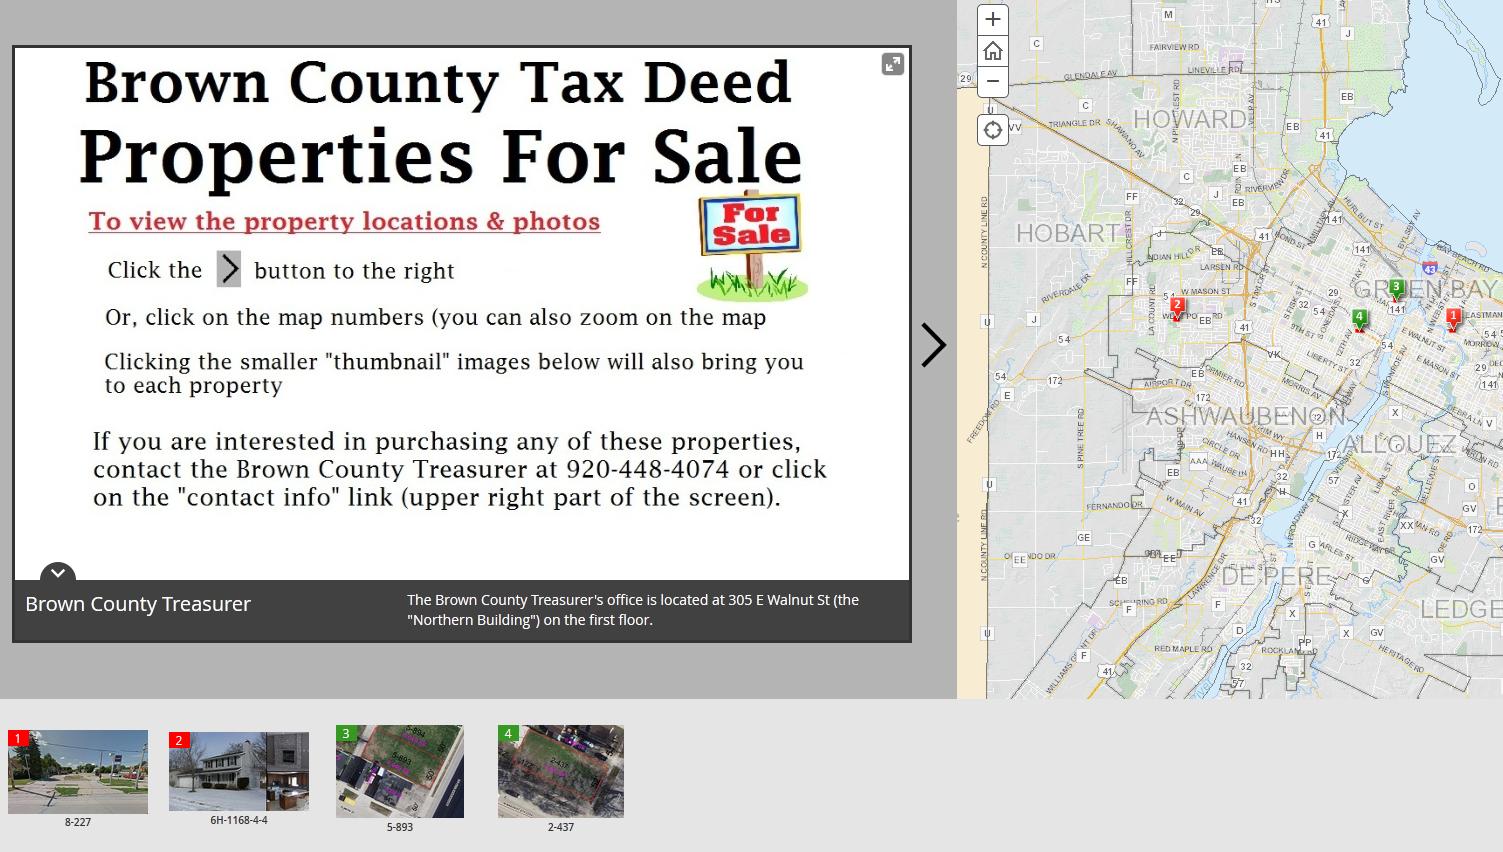 http://browncounty.maps.arcgis.com/apps/MapTour/index.html?appid=ab6e617957704ea68c6aeb07cbf6da1e&webmap=ca89cec2354441d68e9aeeeeb8c68711#